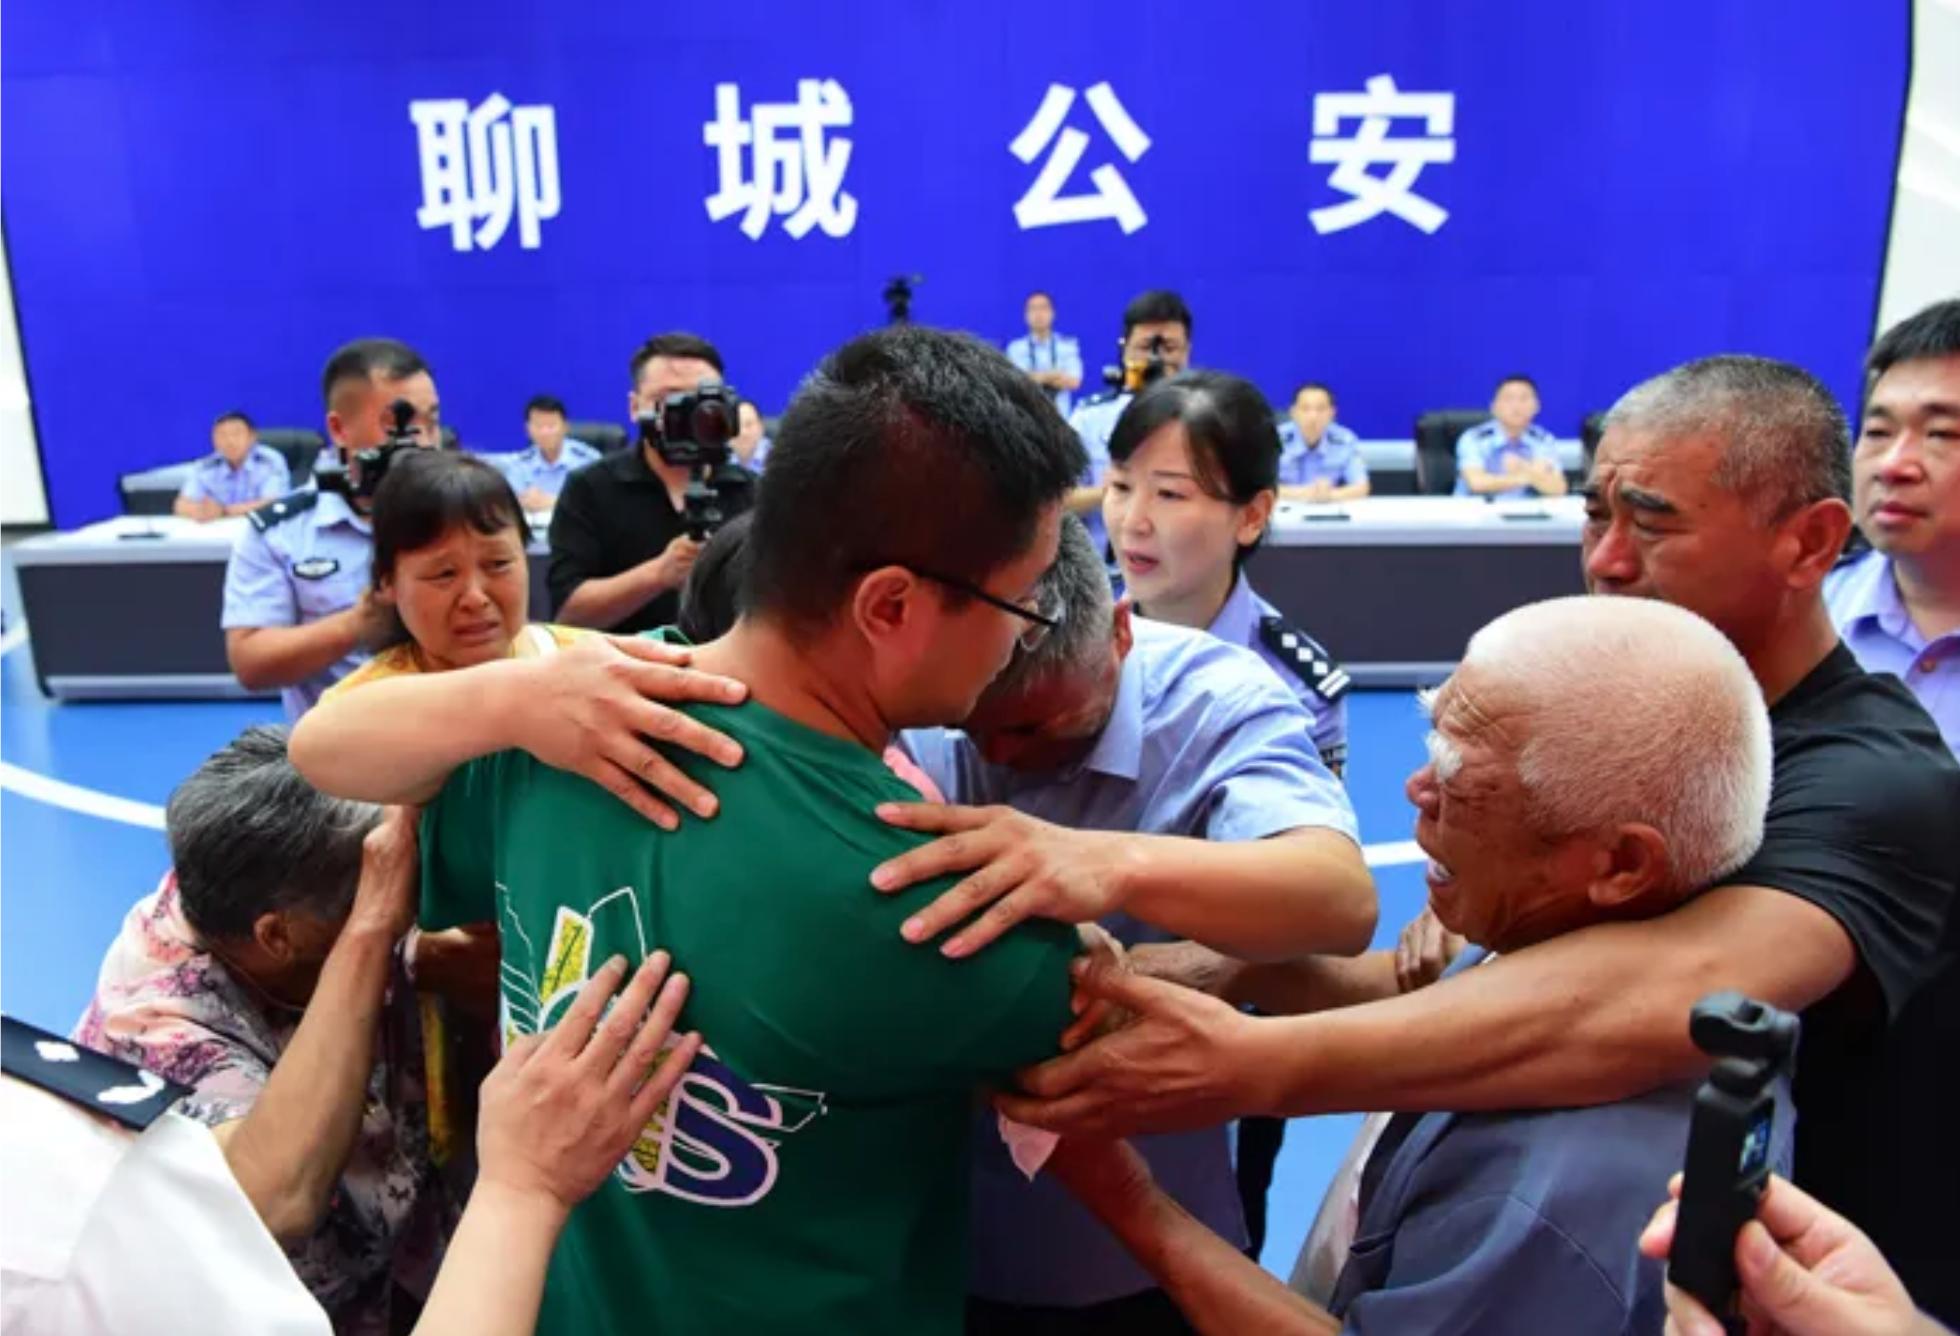 Guo Gangtang (lelaki tua yang memakai kemeja biru muda) berpelukan dengan putranya Guo Xinzhen (kaus hijau). Foto: Biro Keamanan Publik Liaocheng